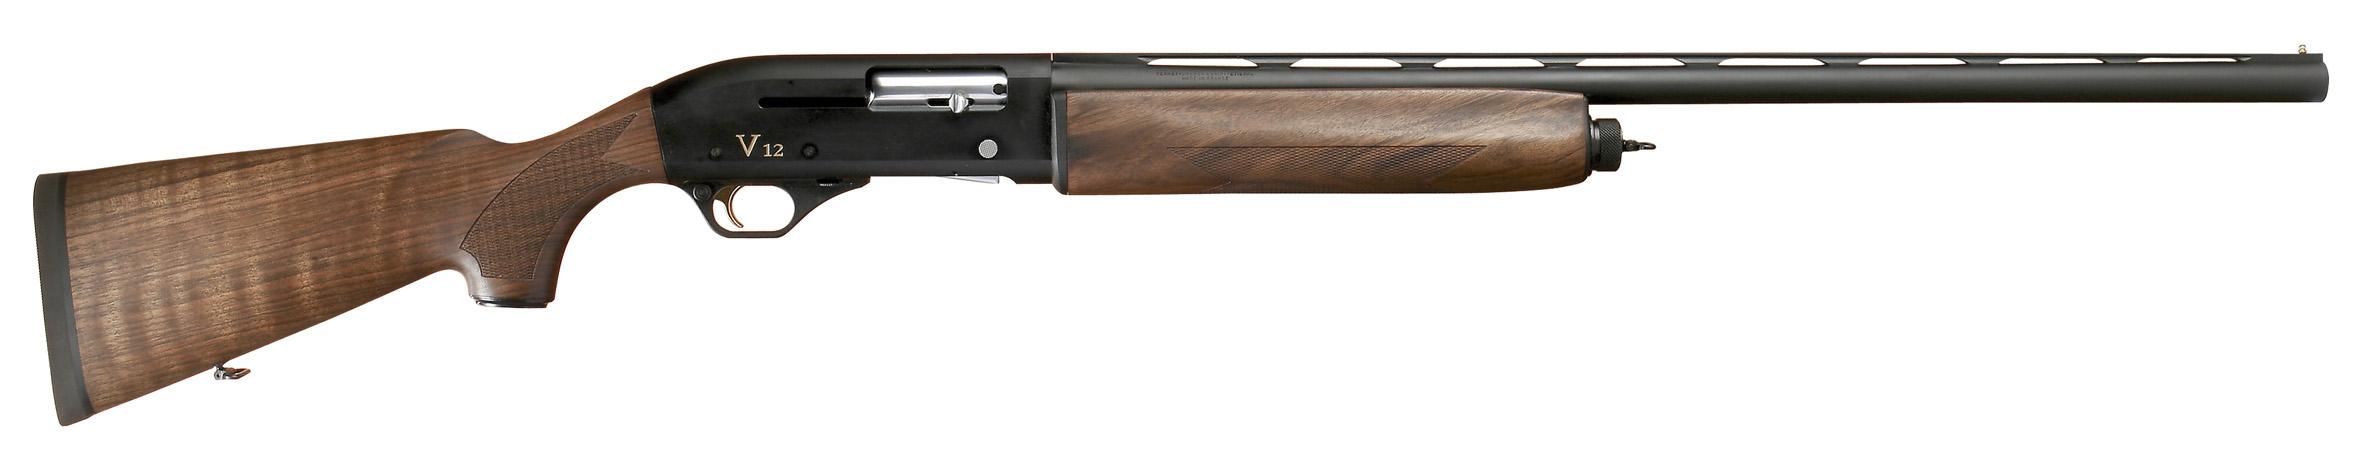 Магазин охотничье нарезное оружие